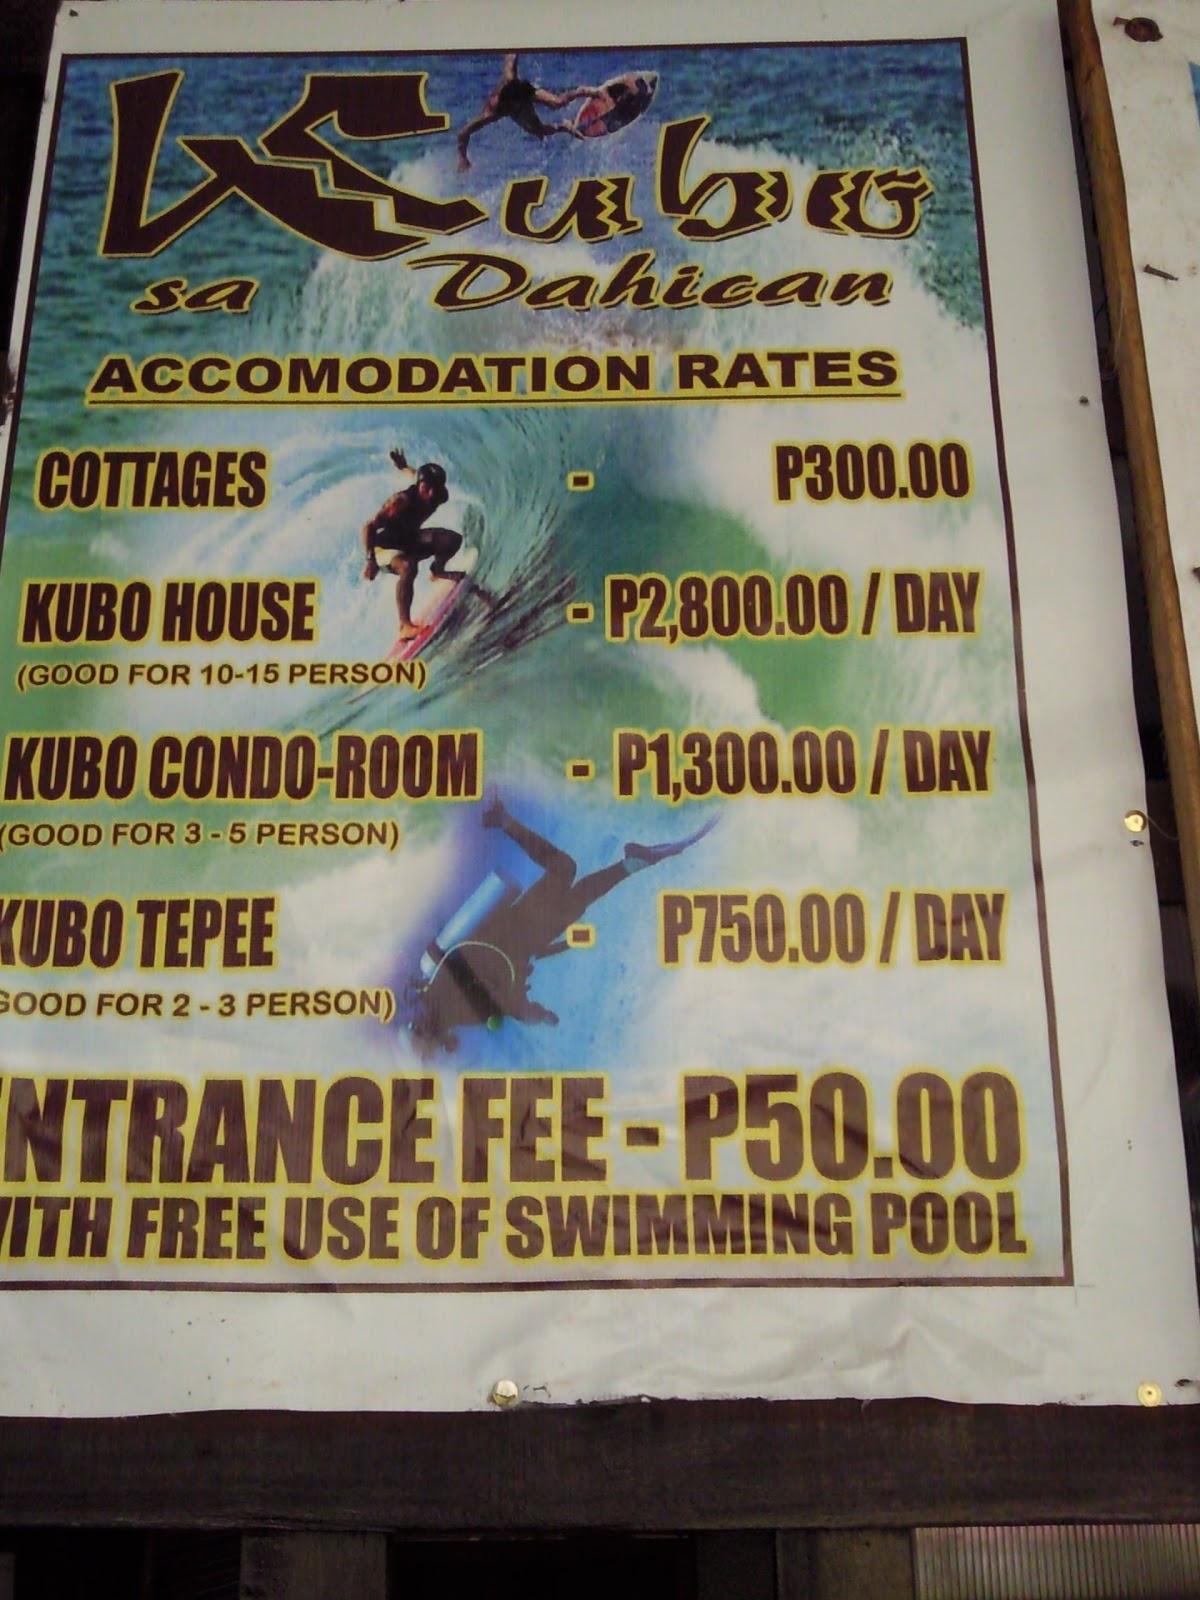 Kubo Sa Dahican Room Rates